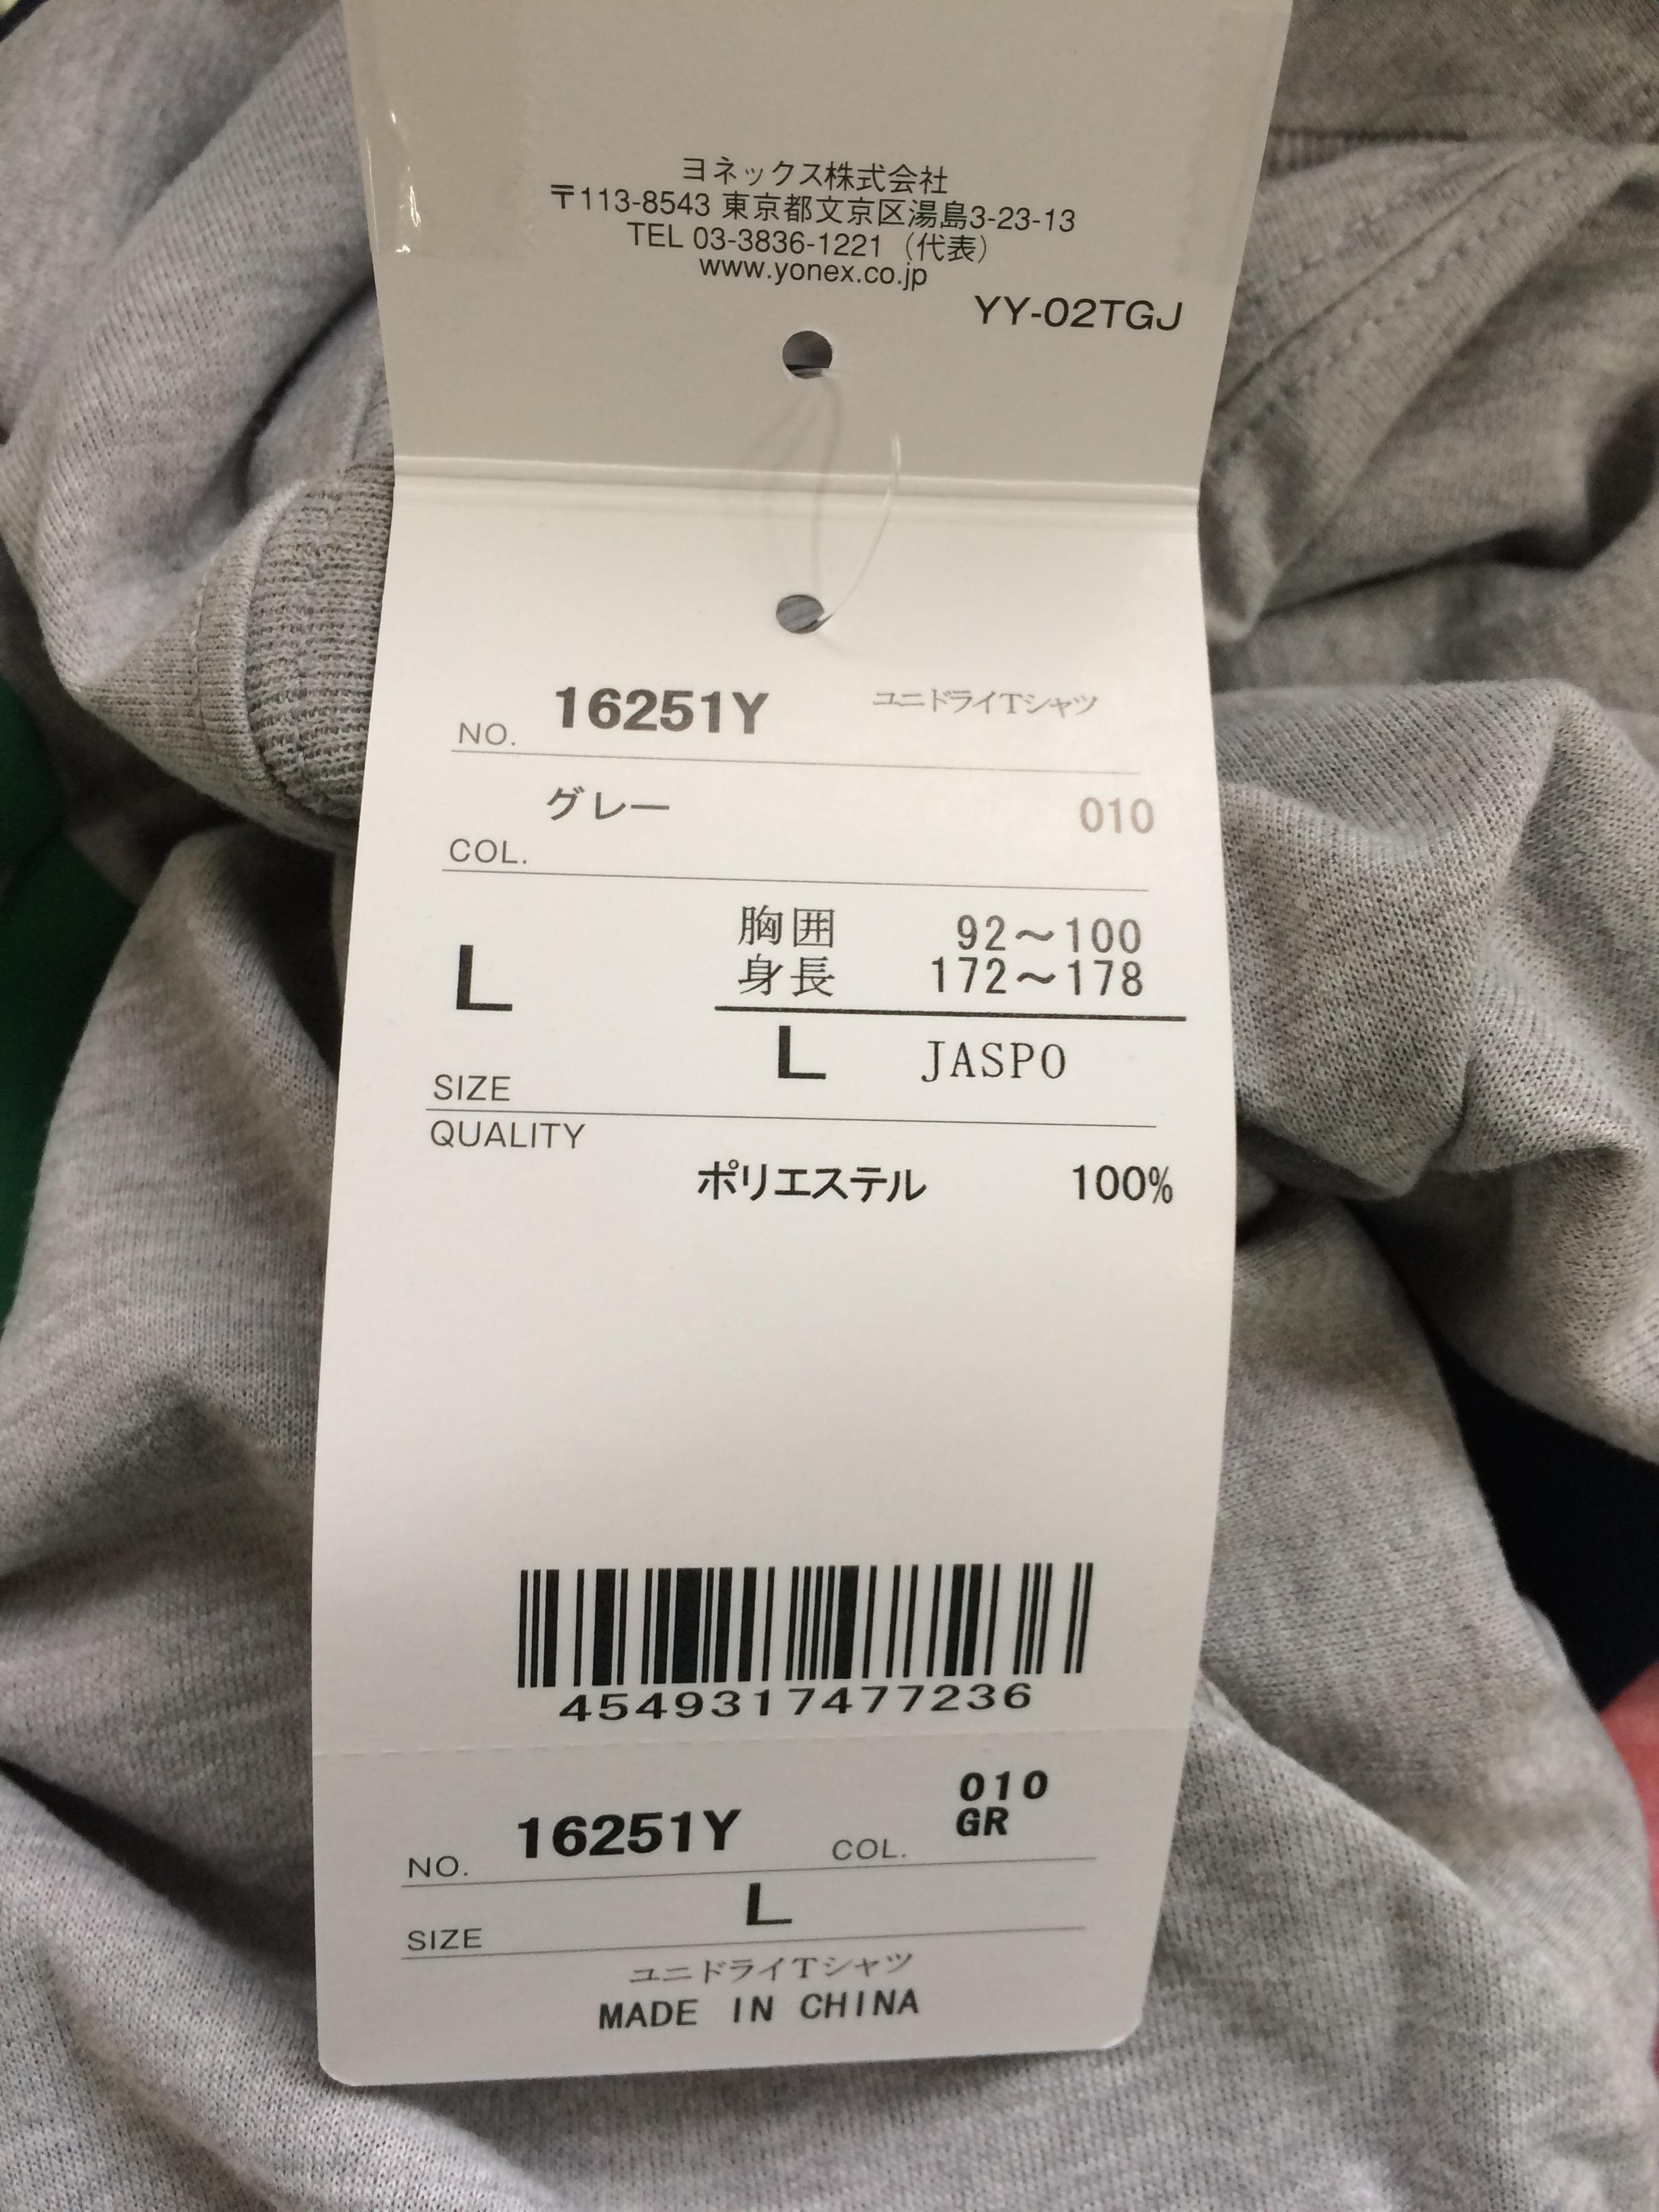 ヨネックス ユニドライTシャツ 16251Y - 画像3